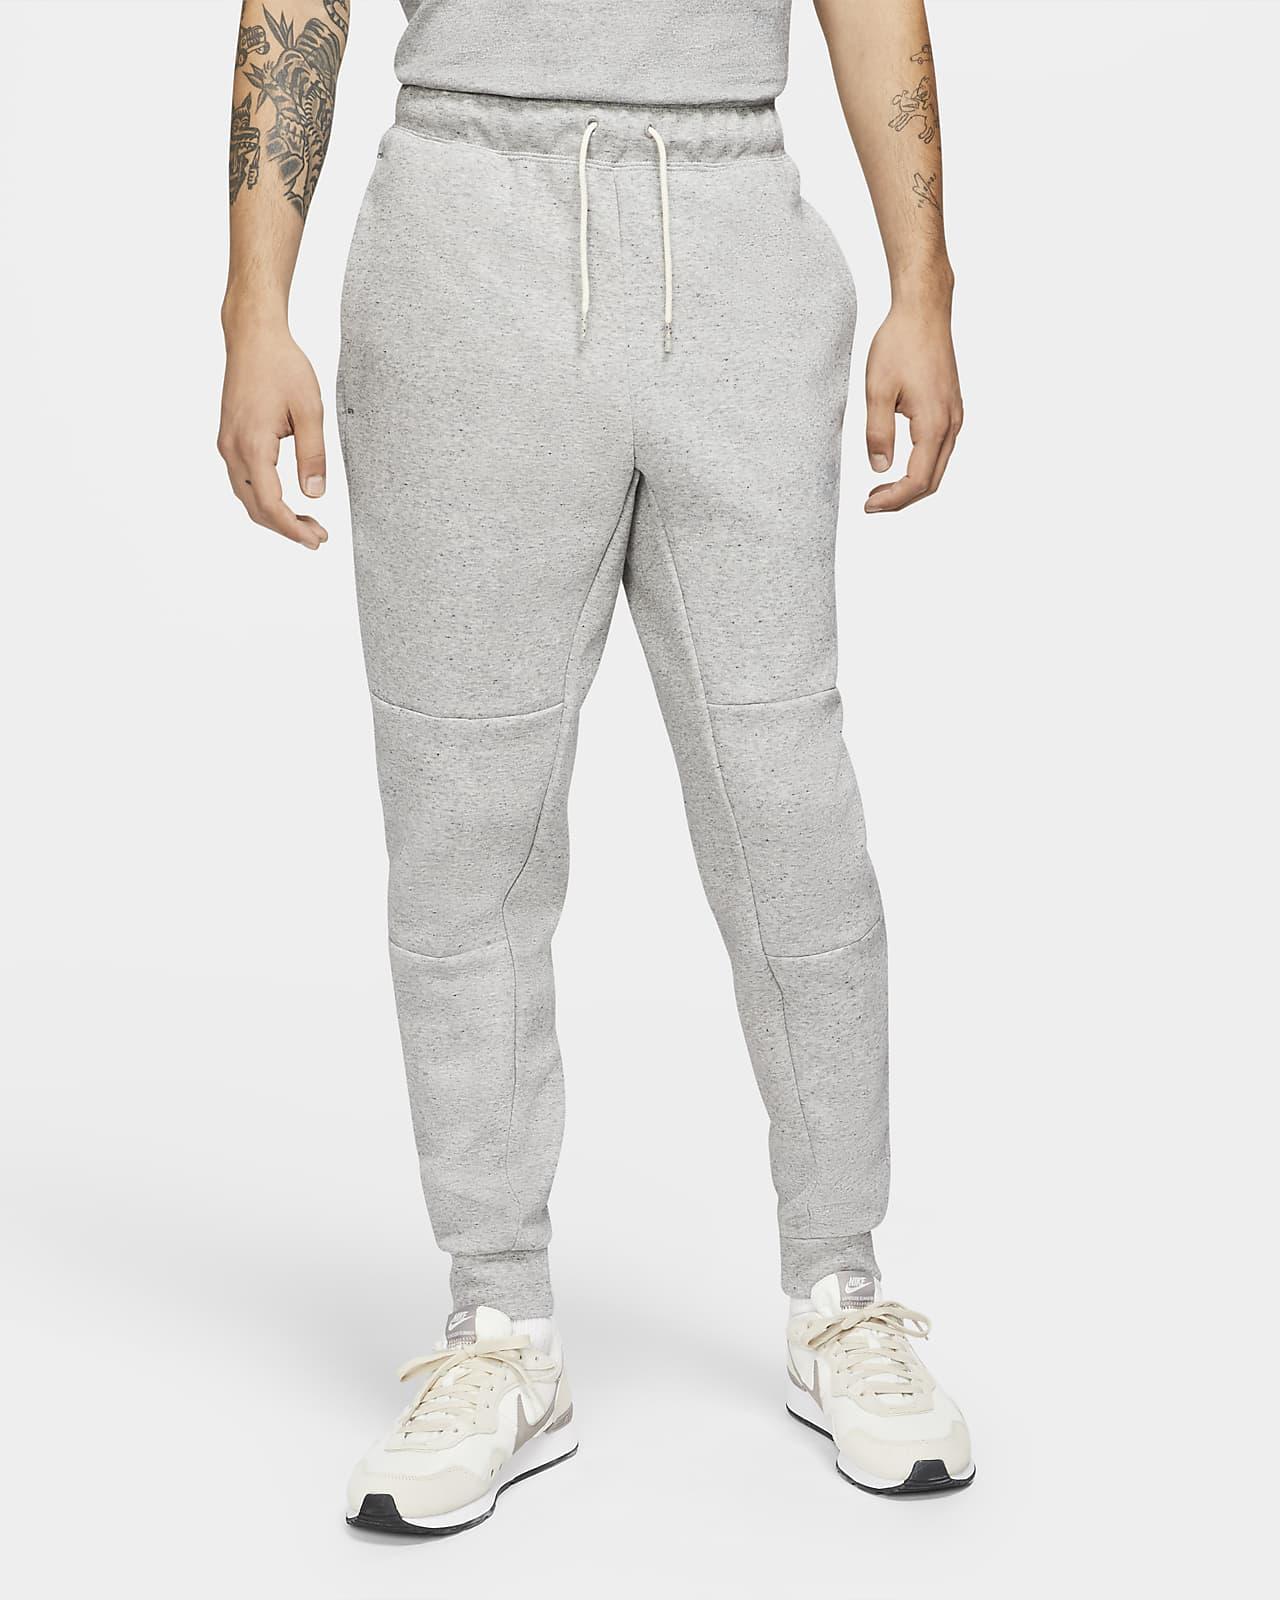 Spodnie męskie Nike Sportswear Tech Fleece